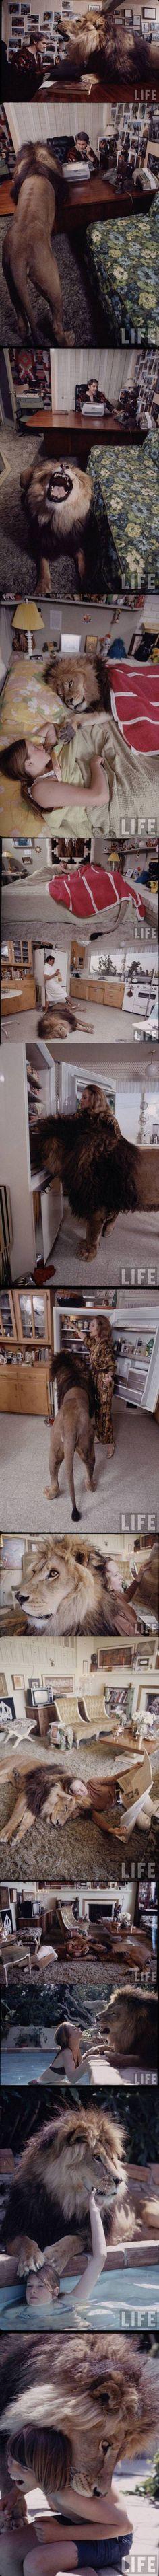 lion, cat, mojav desert, famili, pet, life magazine, wildlif sanctuari, tippi hendren, shambala preserv